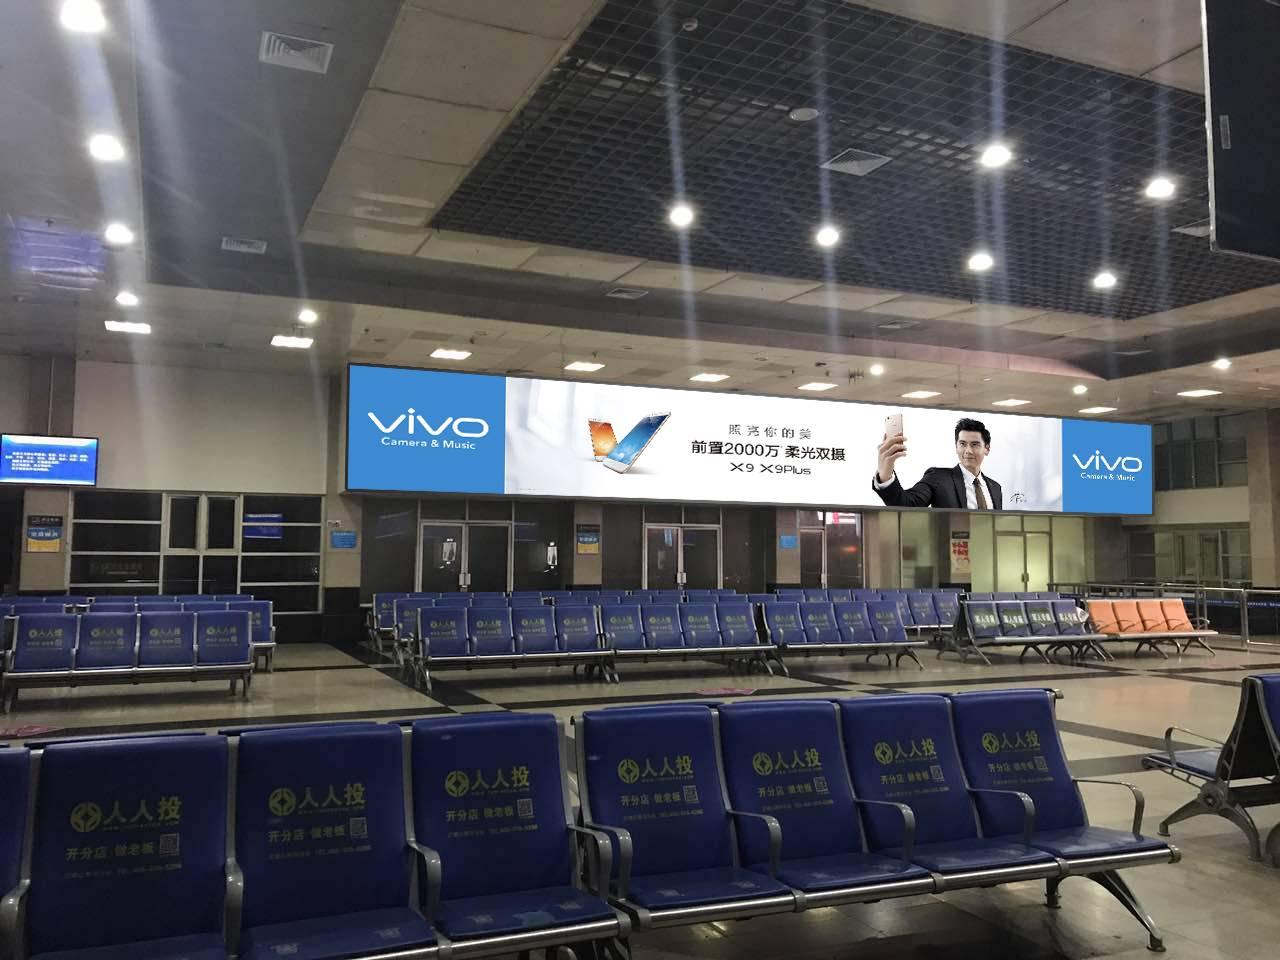 广西桂林市桂林站火车站高铁站进站大厅灯箱媒体广告位